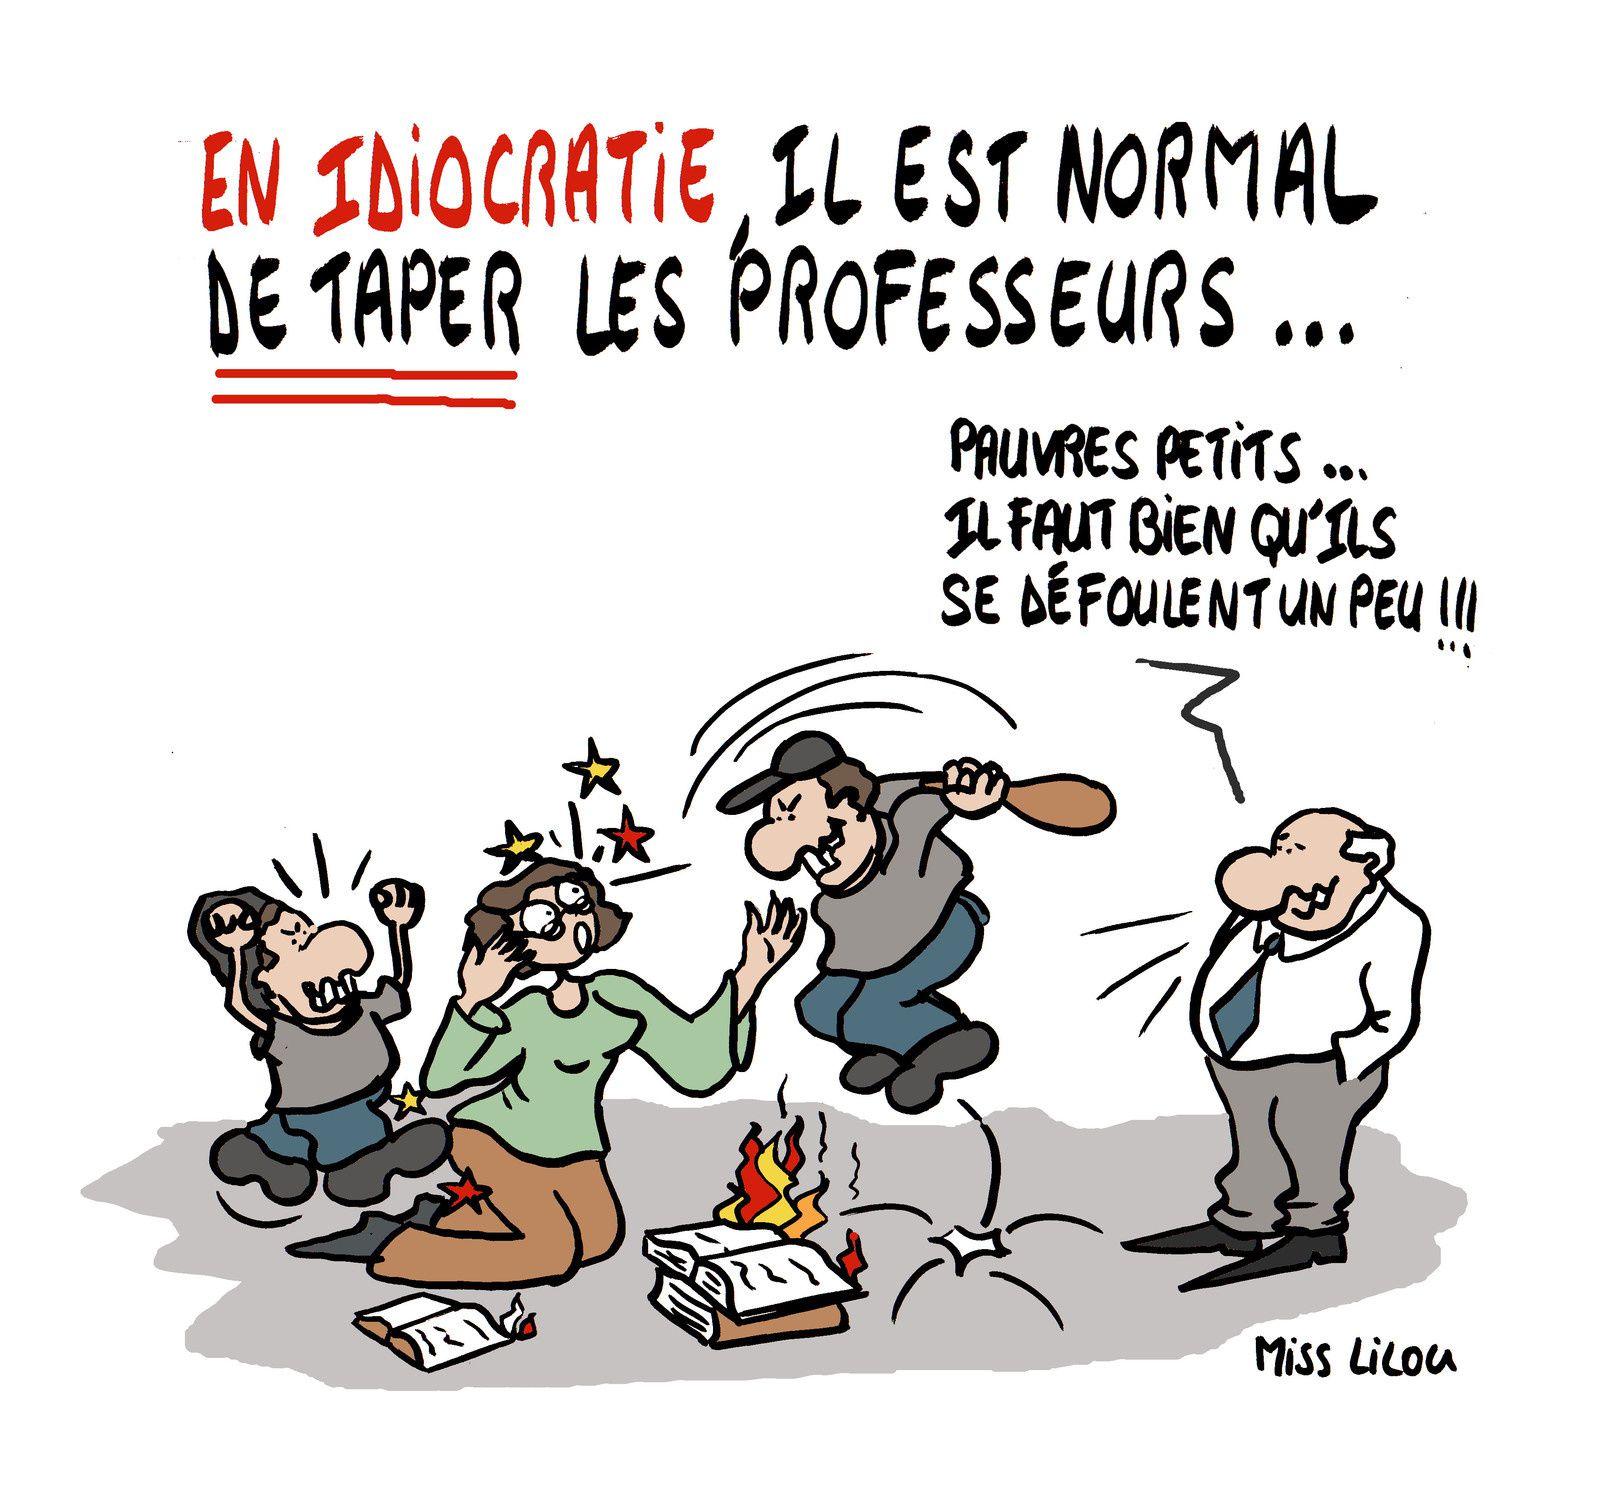 En Idiocratie, il est normal de taper les professeurs...